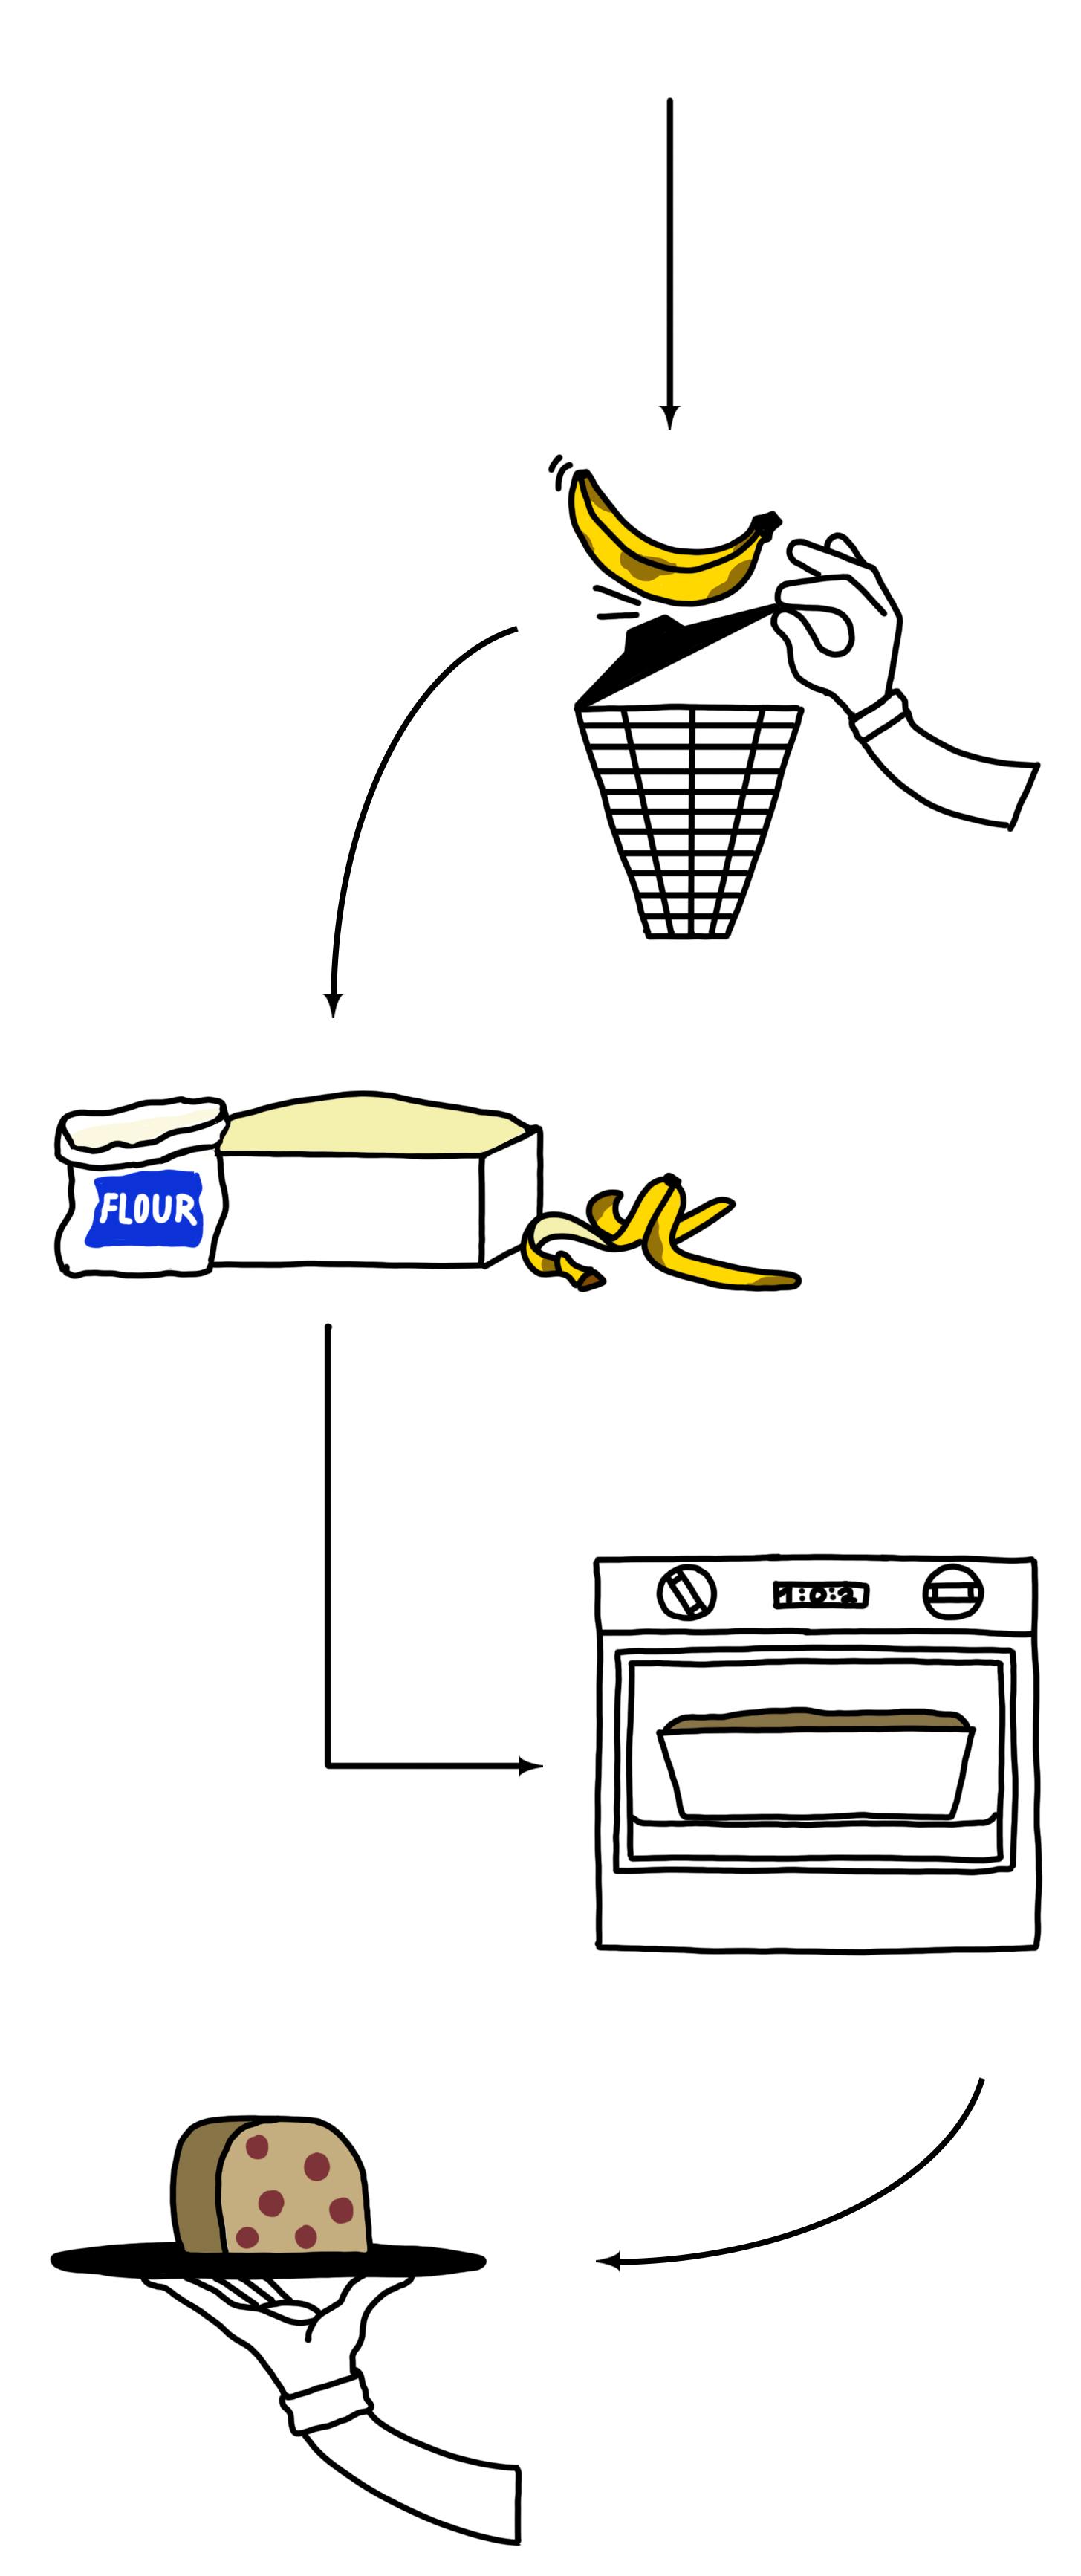 Illustration über den Prozess wie Neue Werte Banane rettet. Hochwertige Bananenbrot aus gerettete Banananen.